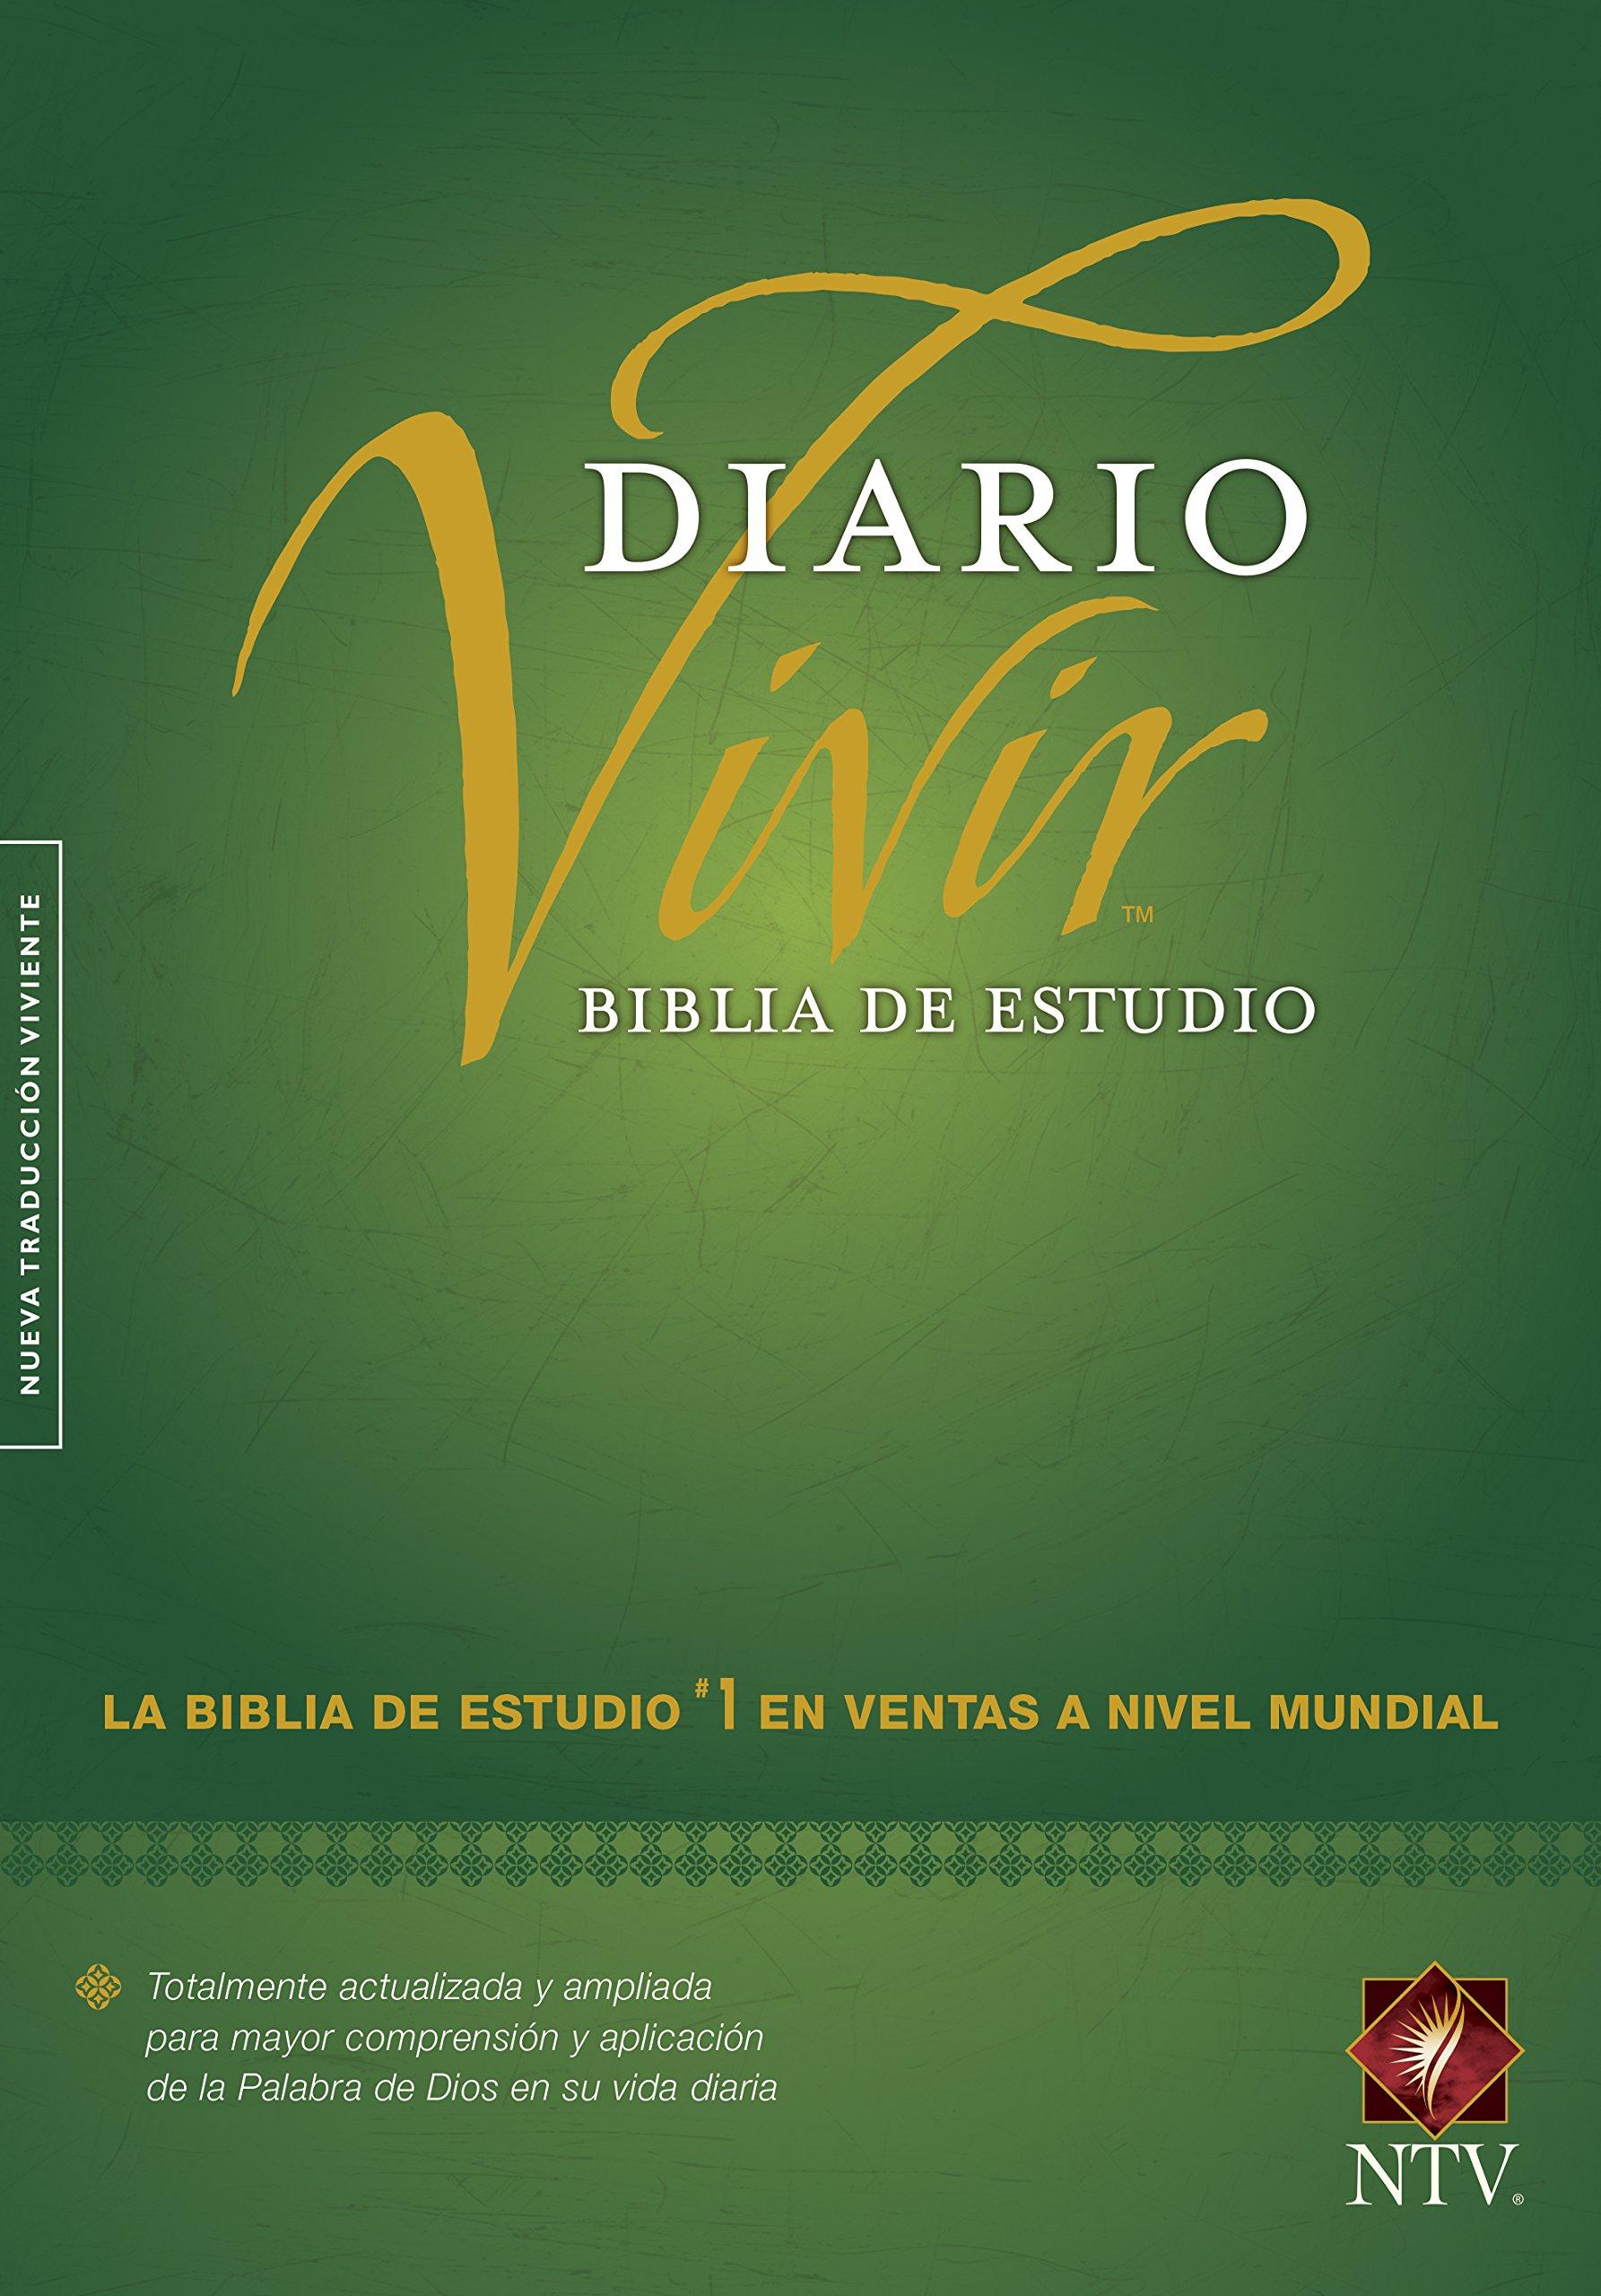 Biblia de estudio del diario vivir NTV (Spanish Edition) pdf epub